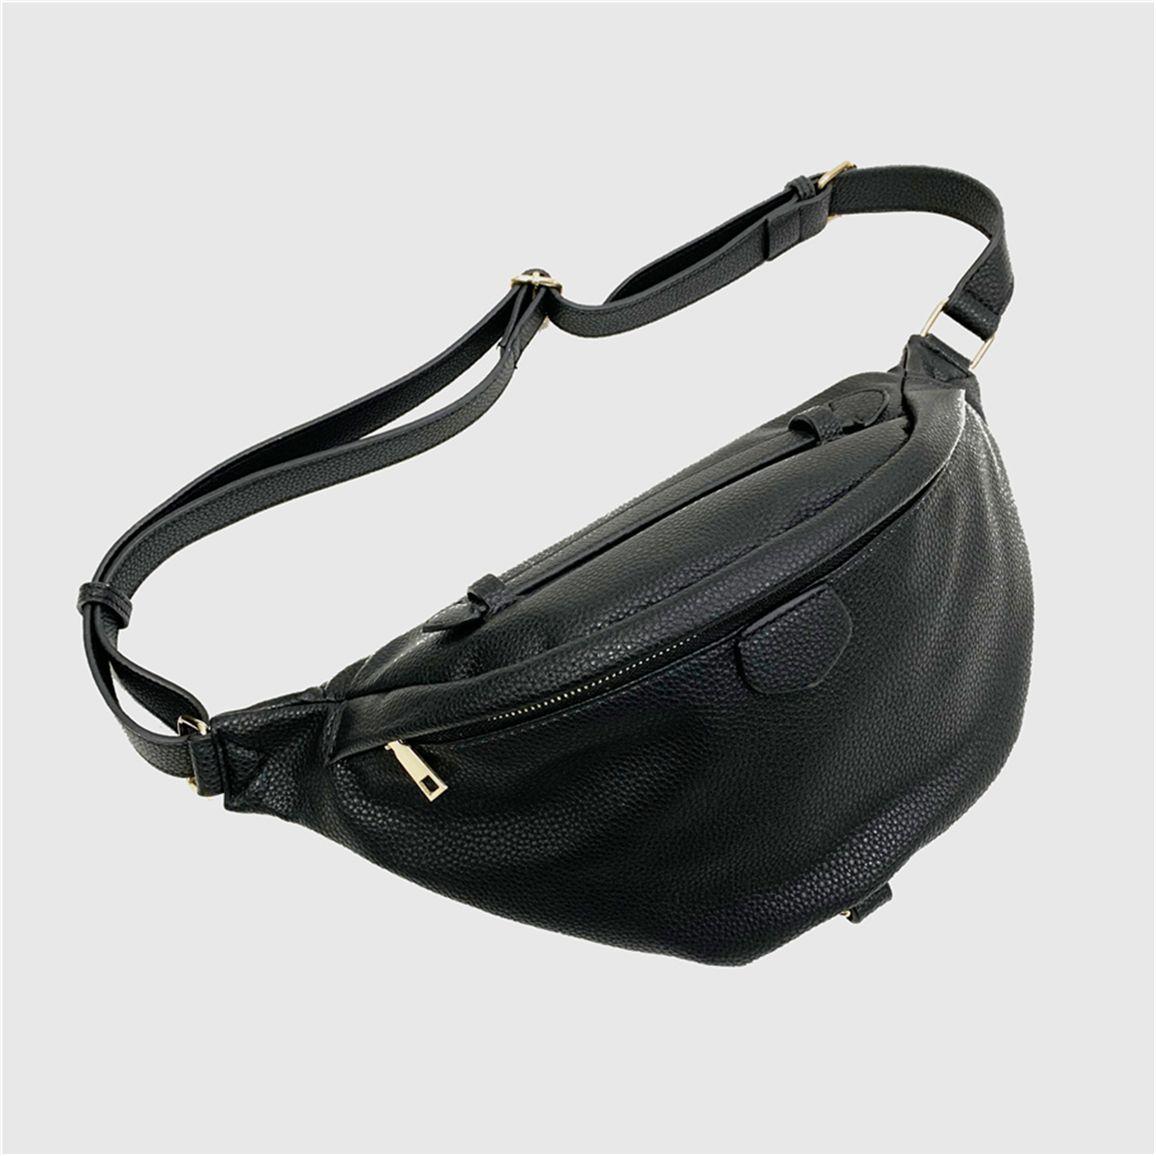 Sacs taille Zippy Waistpacks taille Sac Hommes Sacs Femmes Cross Body Crossbody Bag Sacs à main d'embrayage à main épaule sac Fannypack Sacs 14 259 6325